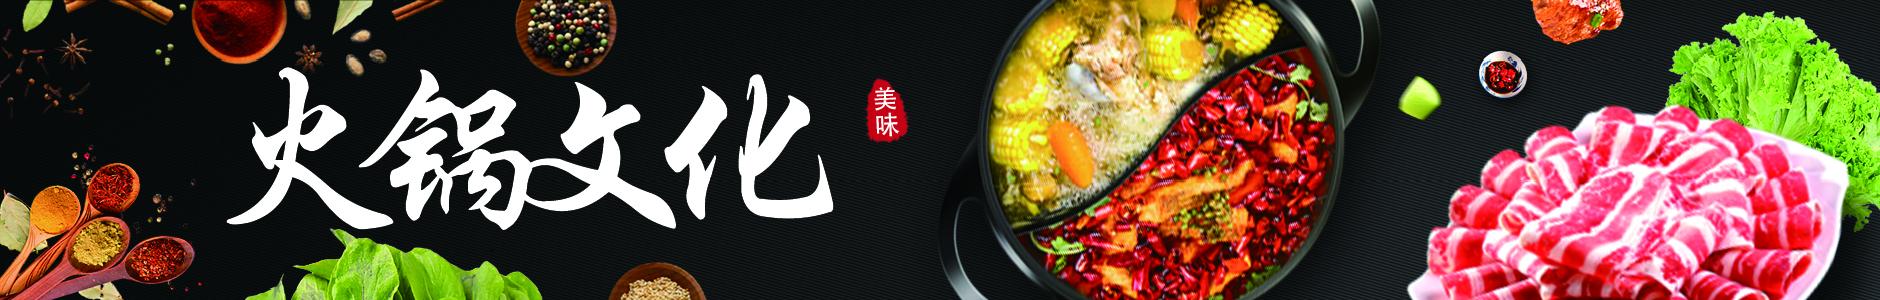 现在流行在家涮火锅! 吴佳朋火锅超市受欢迎